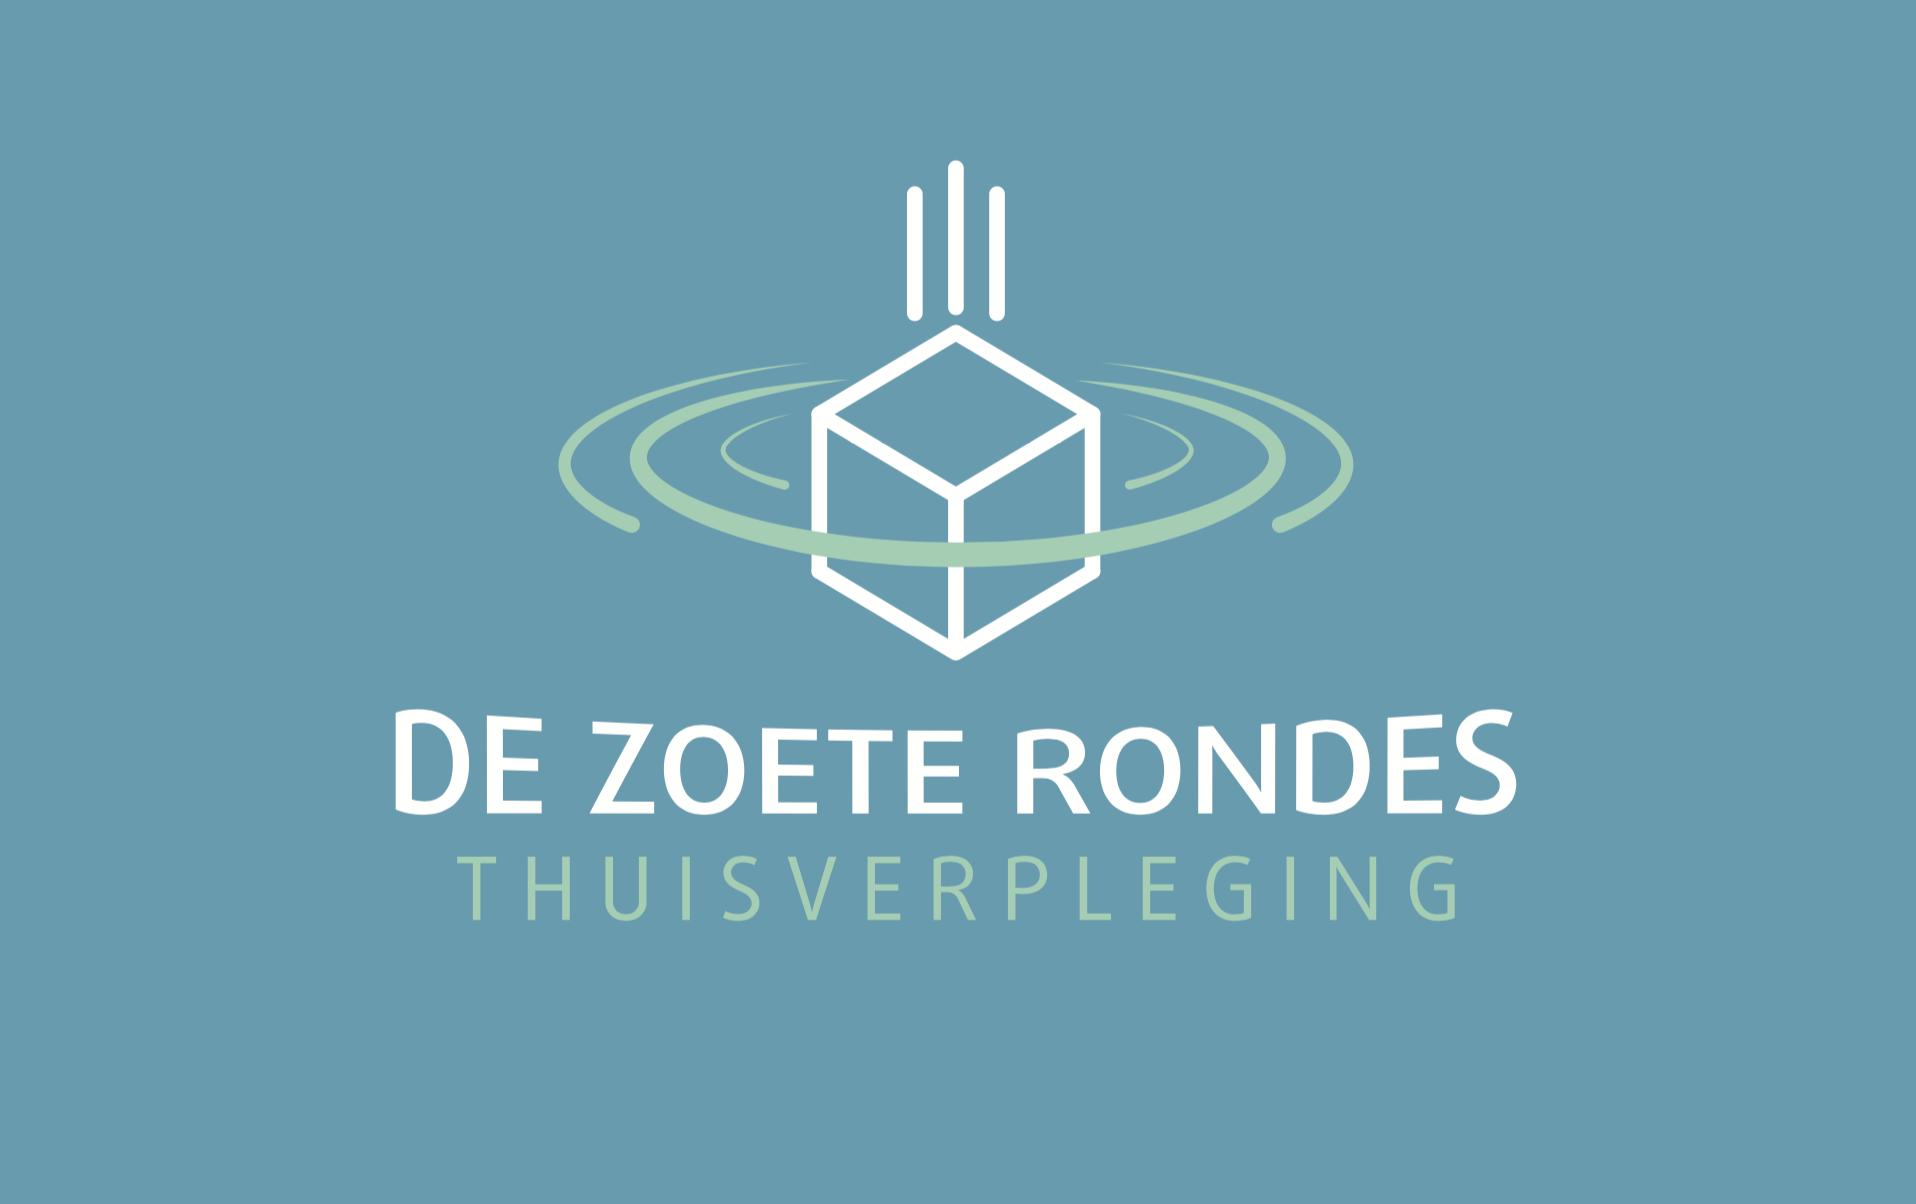 Finale rebranding van De Zoete Rondes